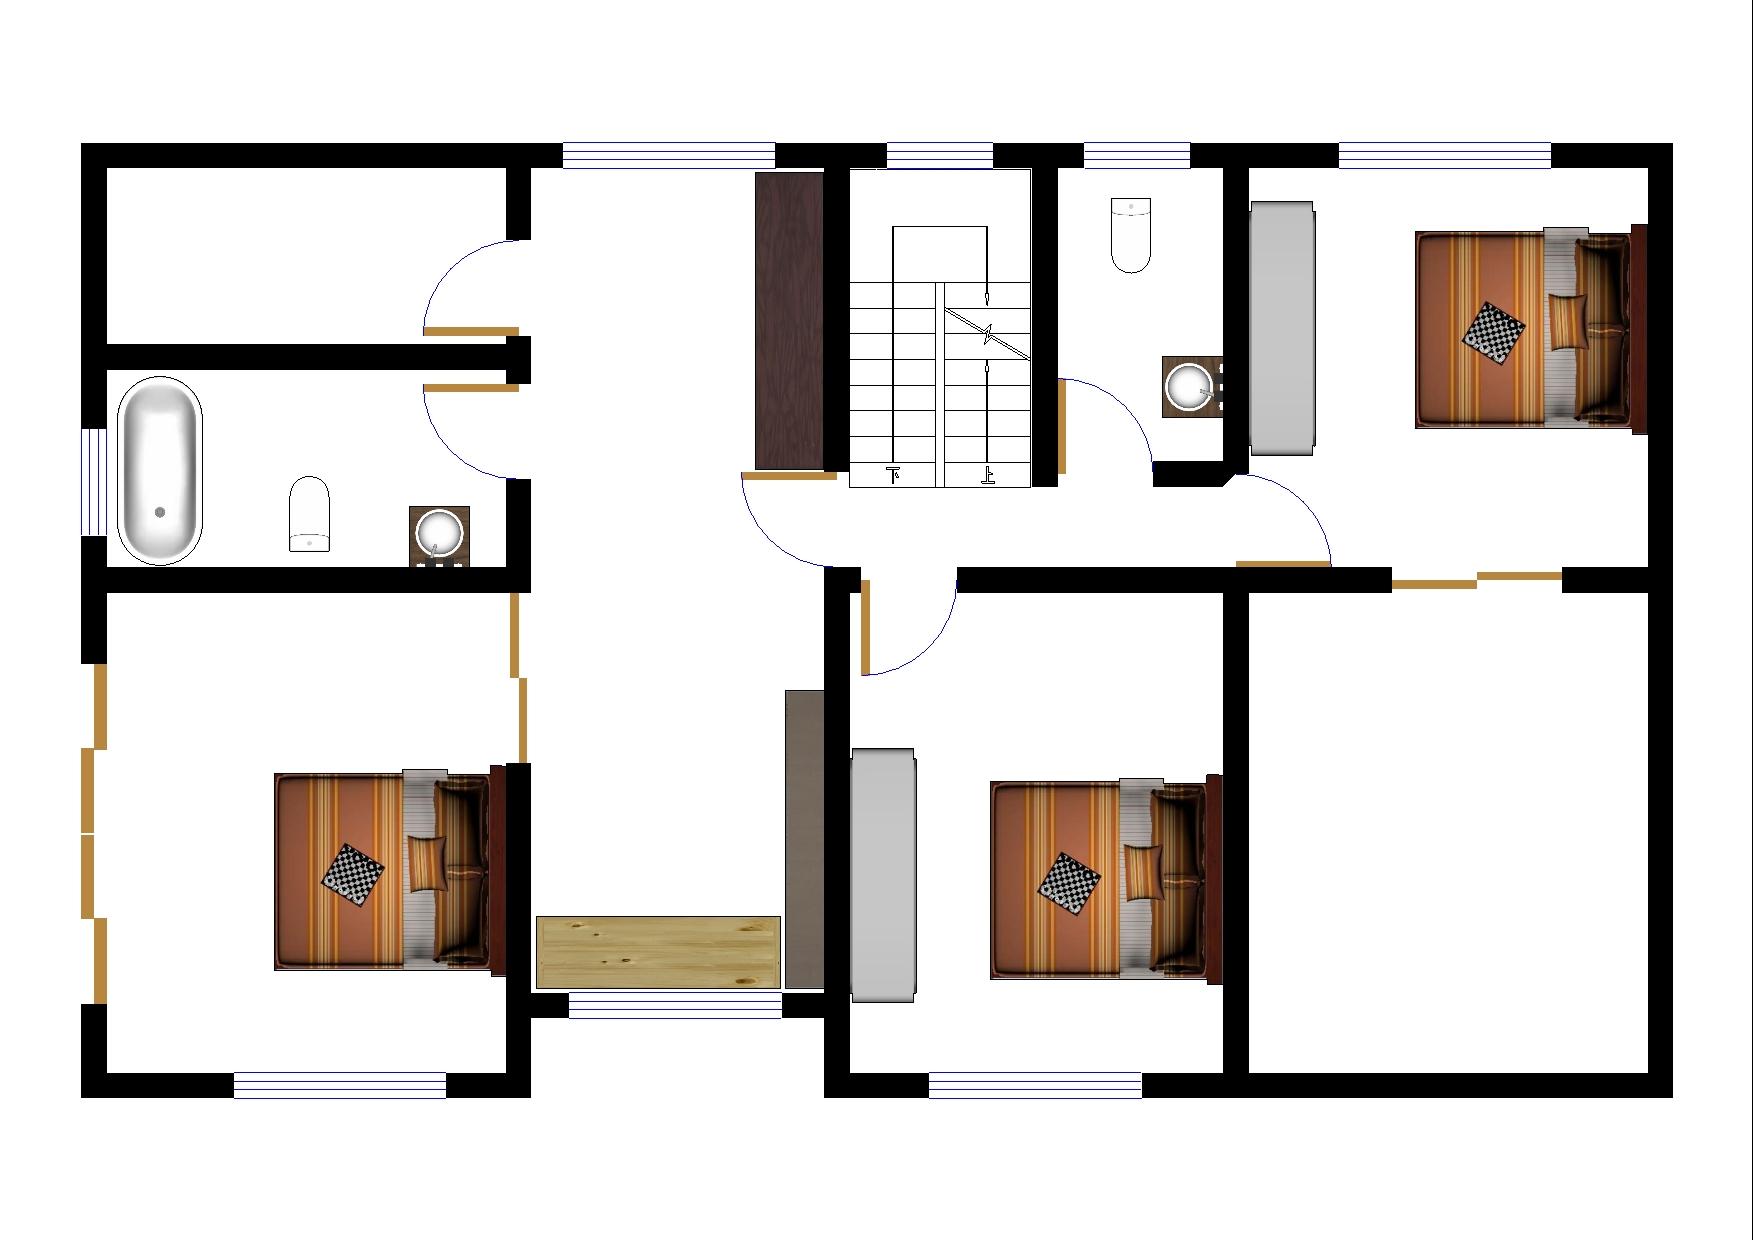 求120平米农村自建房平面图图片